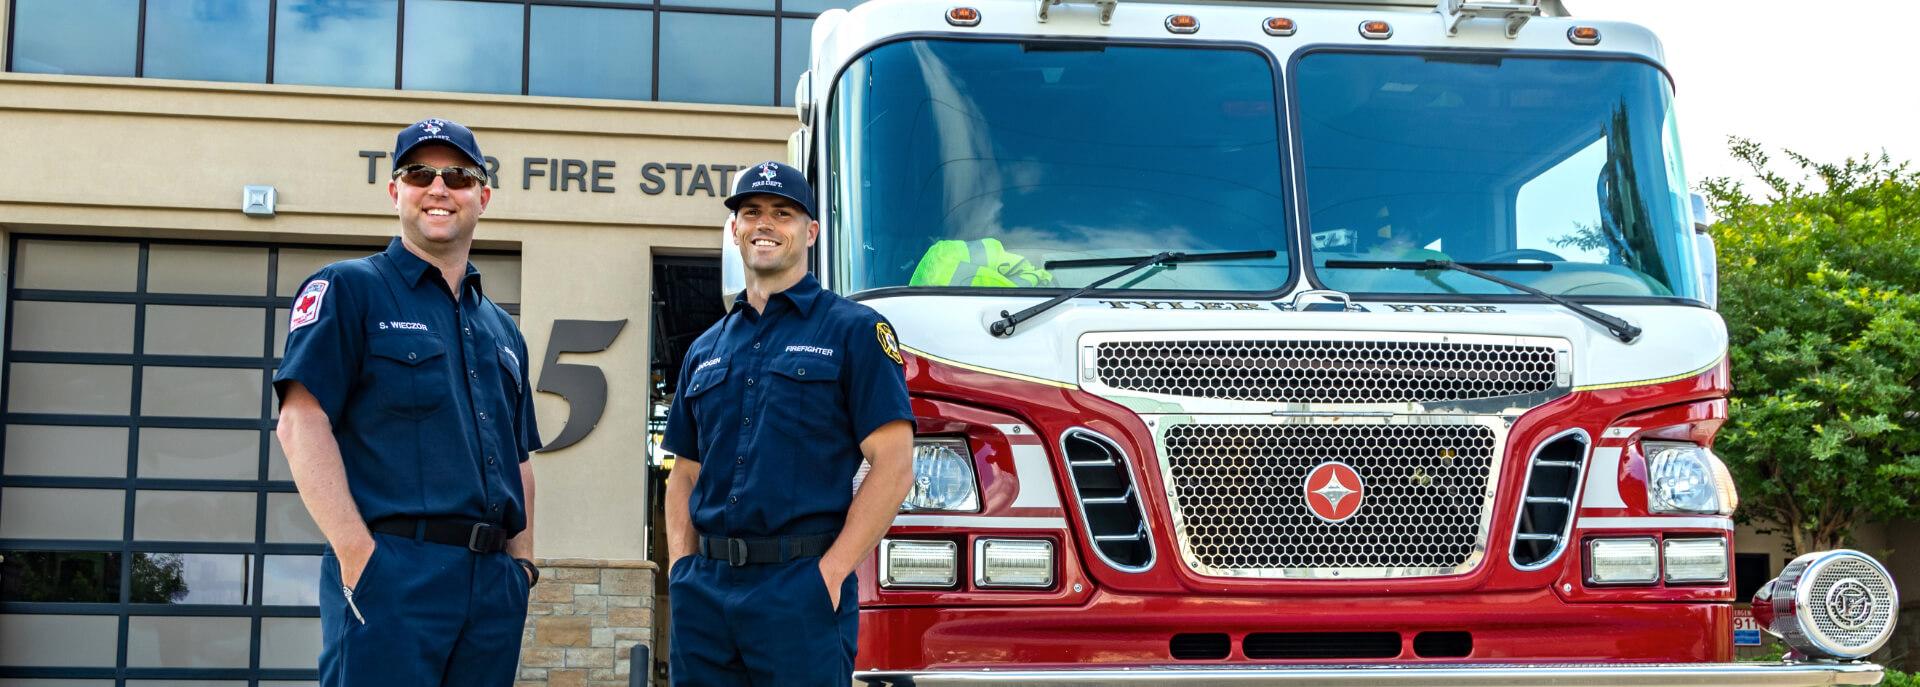 Fire Department Tyler Tx